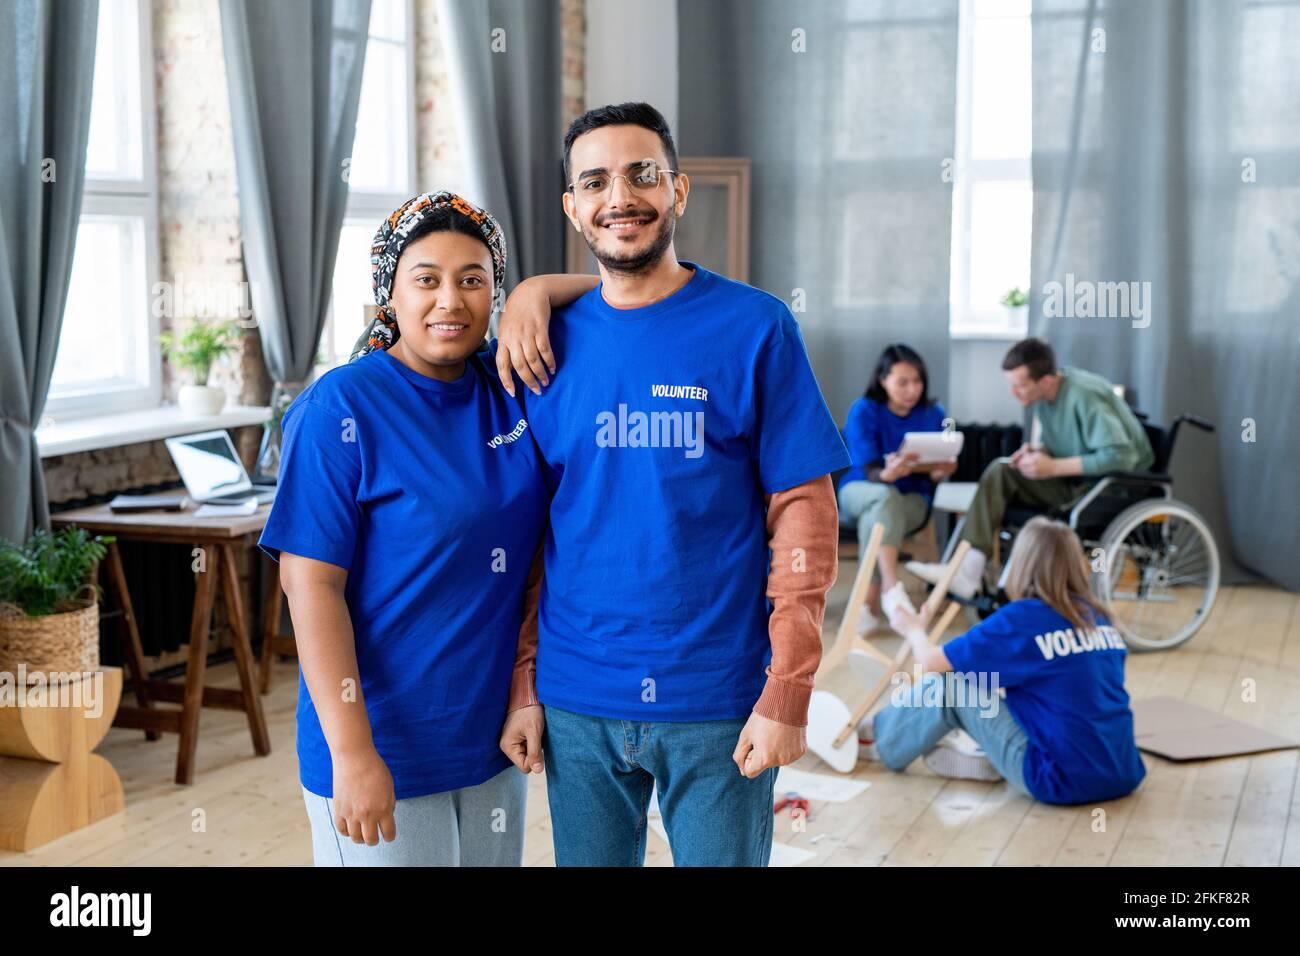 Un groupe de jeunes interculturels heureux en t-shirts bleus poser pour une photo Banque D'Images